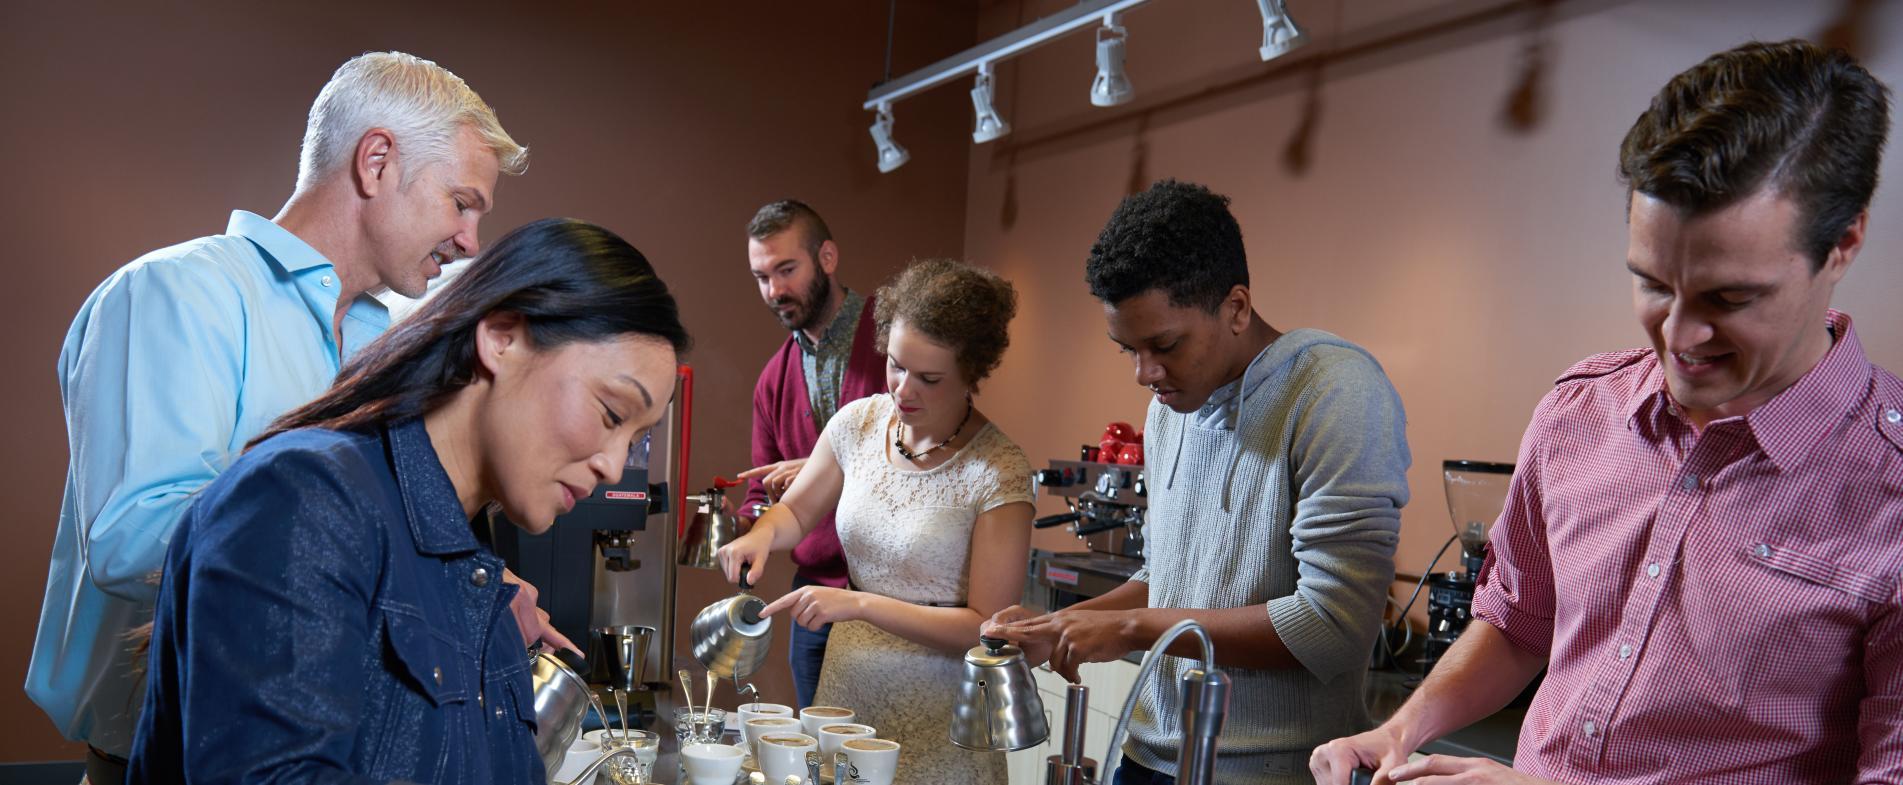 Coffee Tastings at Ferris Coffee